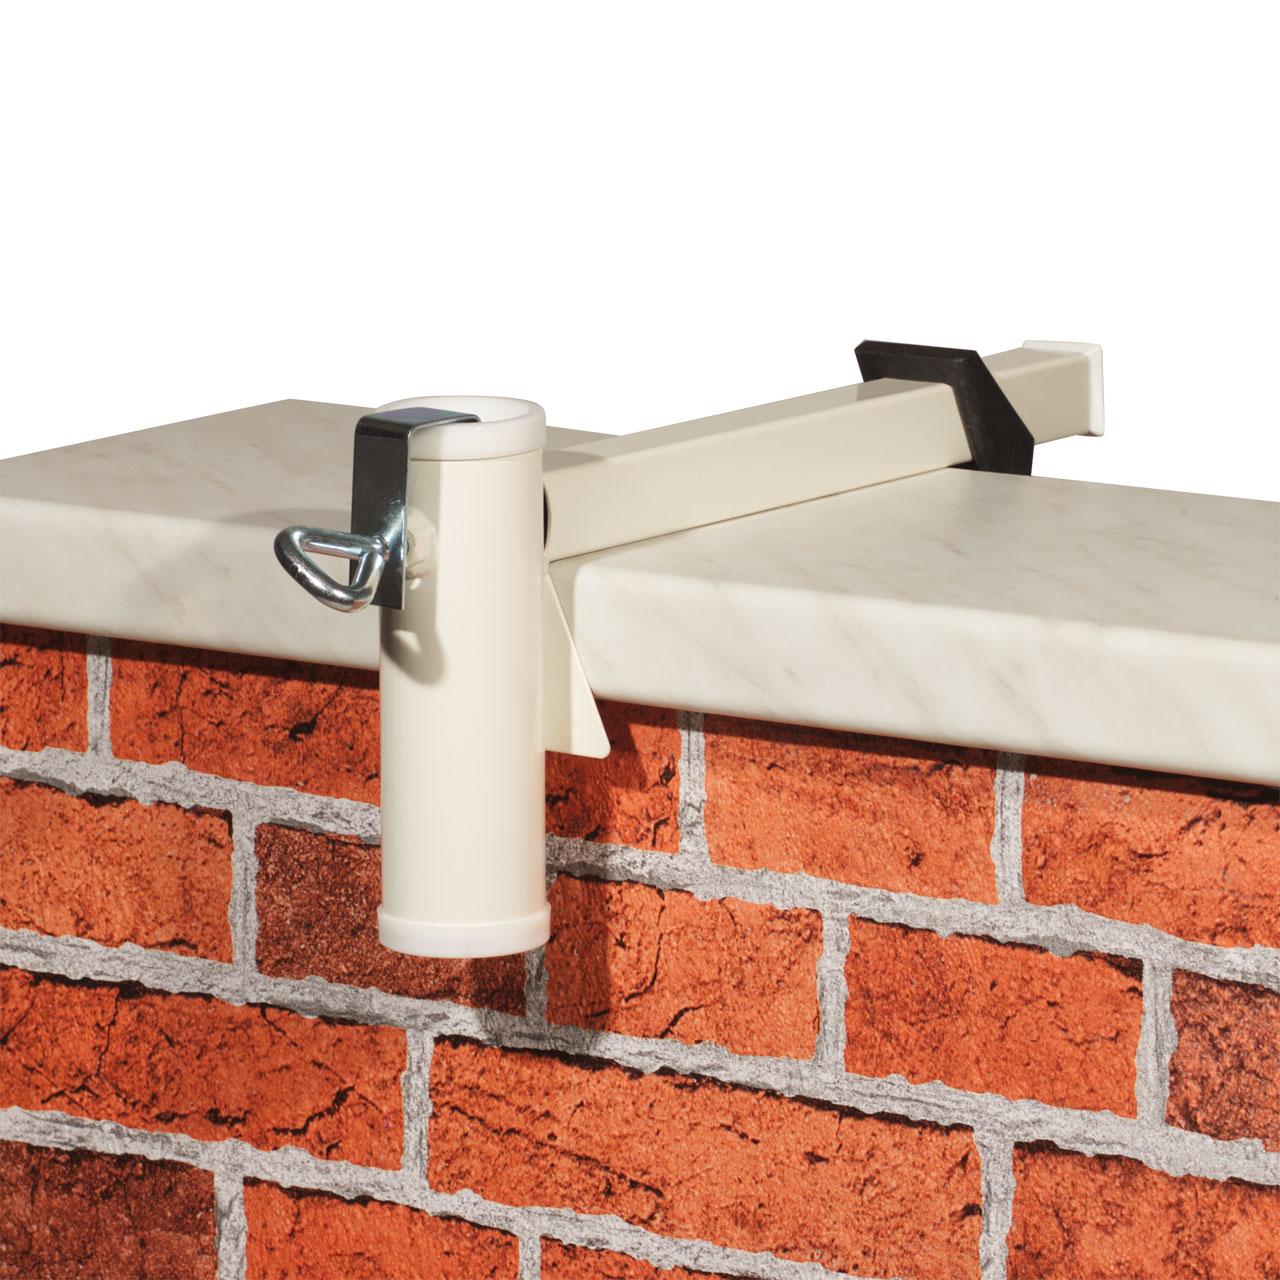 sonnenschirmhalter videx f r balkon mauerbr stung wei sichtschutz. Black Bedroom Furniture Sets. Home Design Ideas